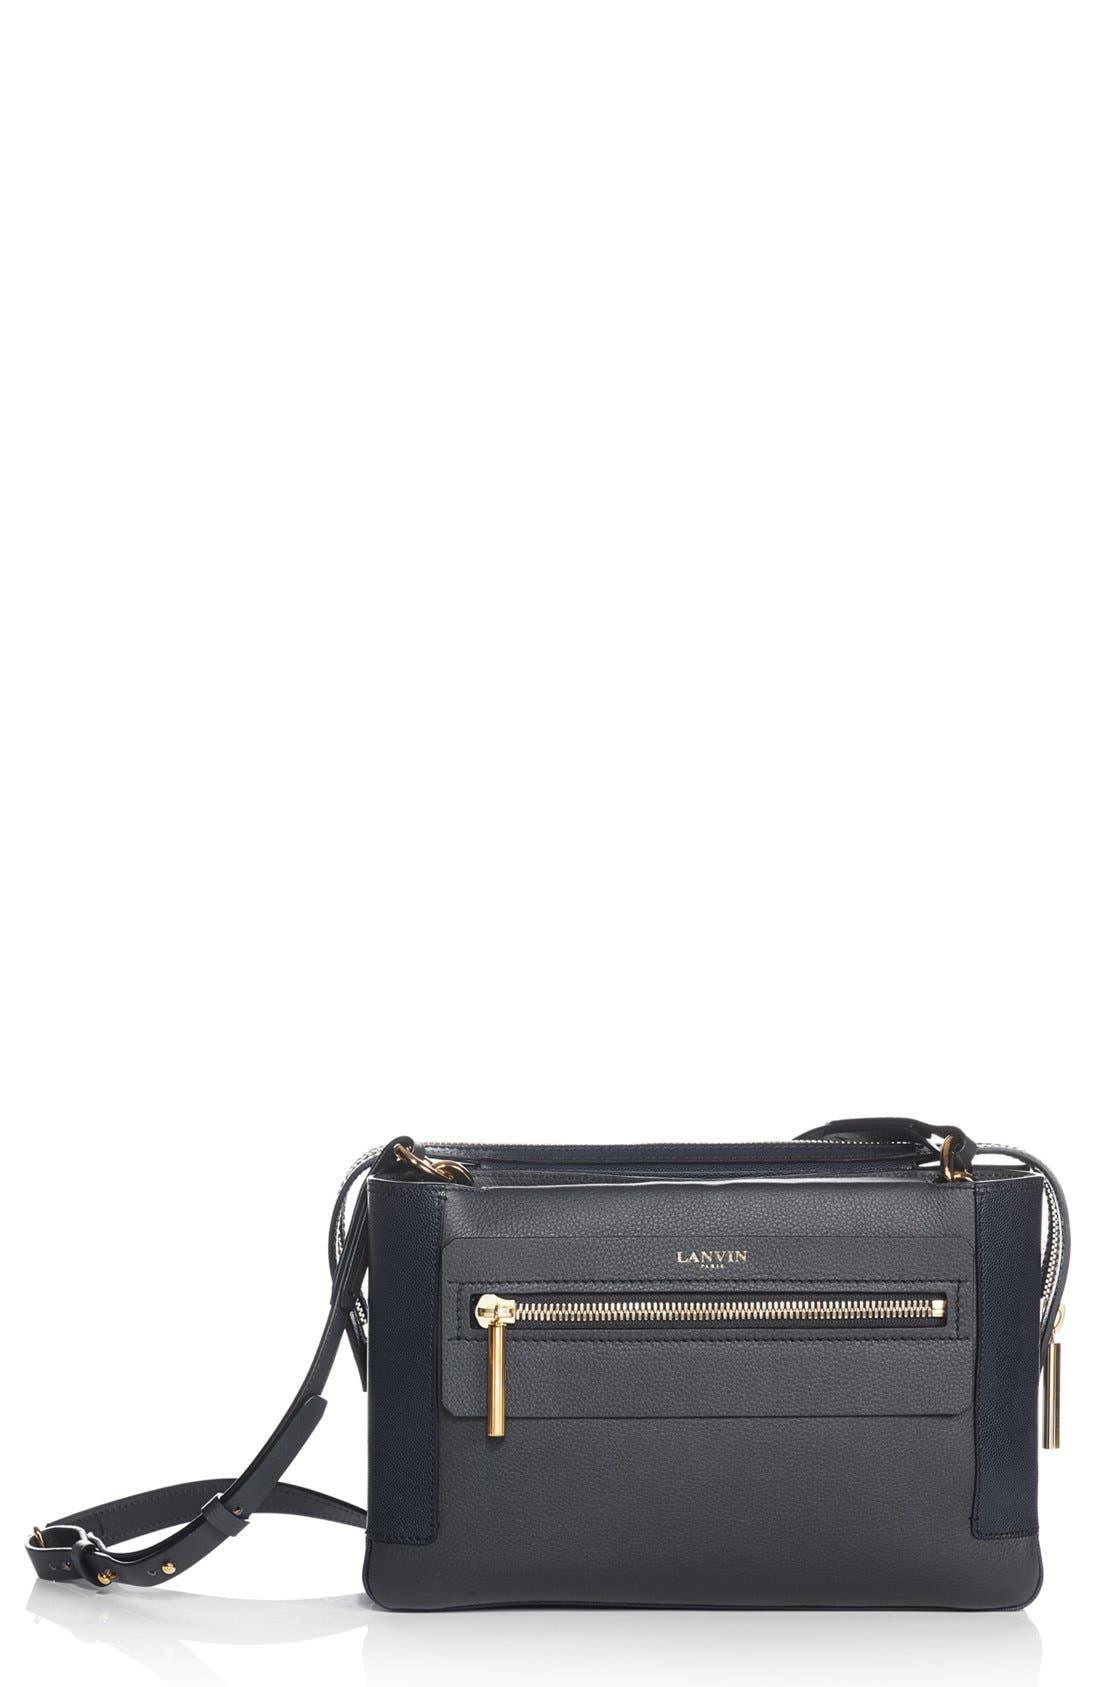 Alternate Image 1 Selected - Lanvin 'Piaf' Shoulder Bag